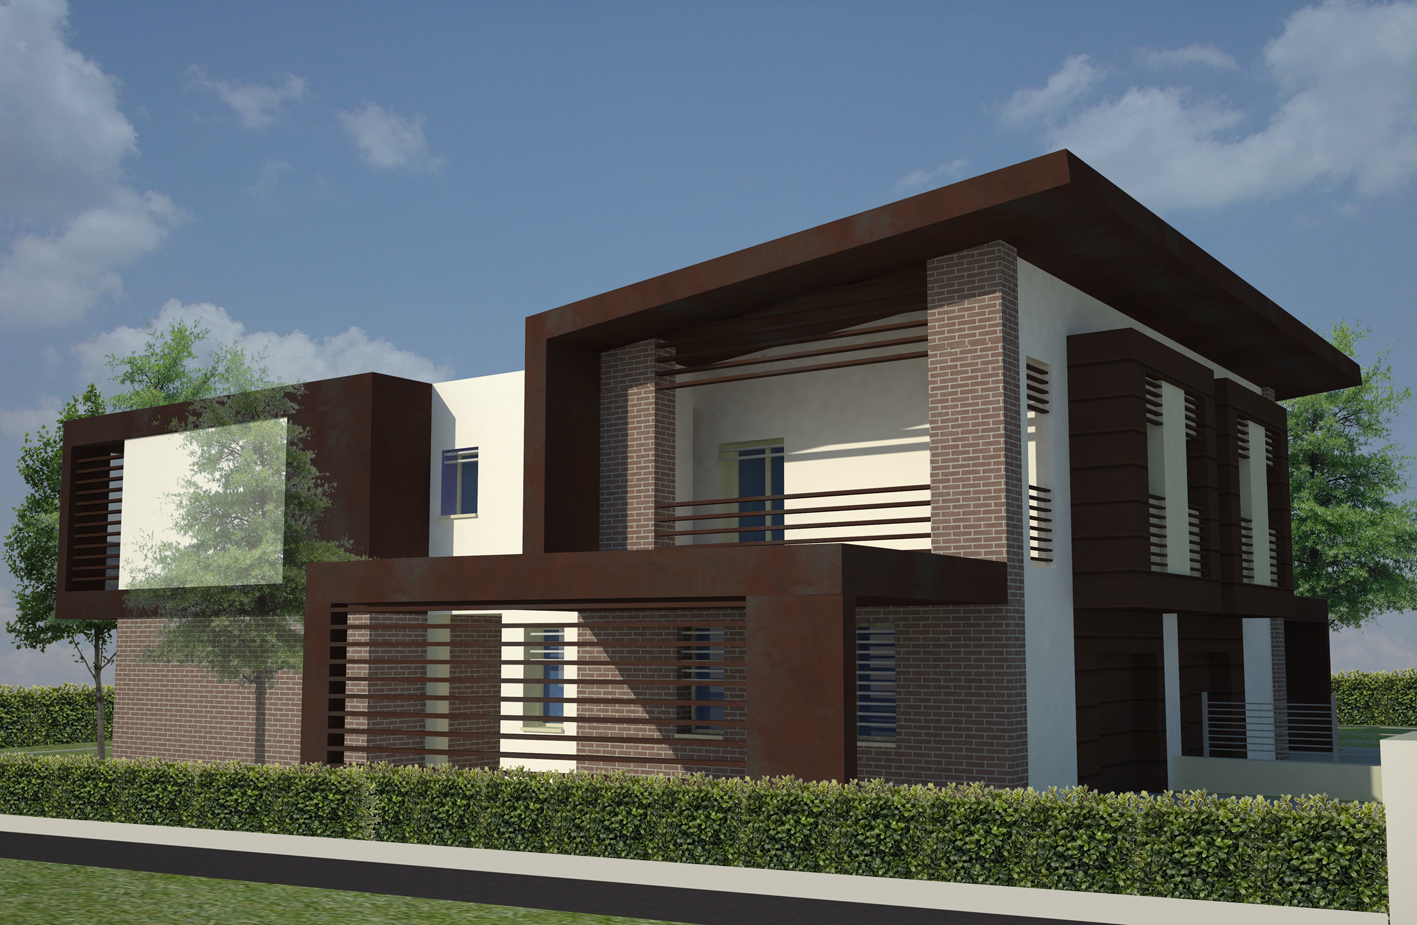 Villa abbinata 1072 franzoni studio for Prospetti ville